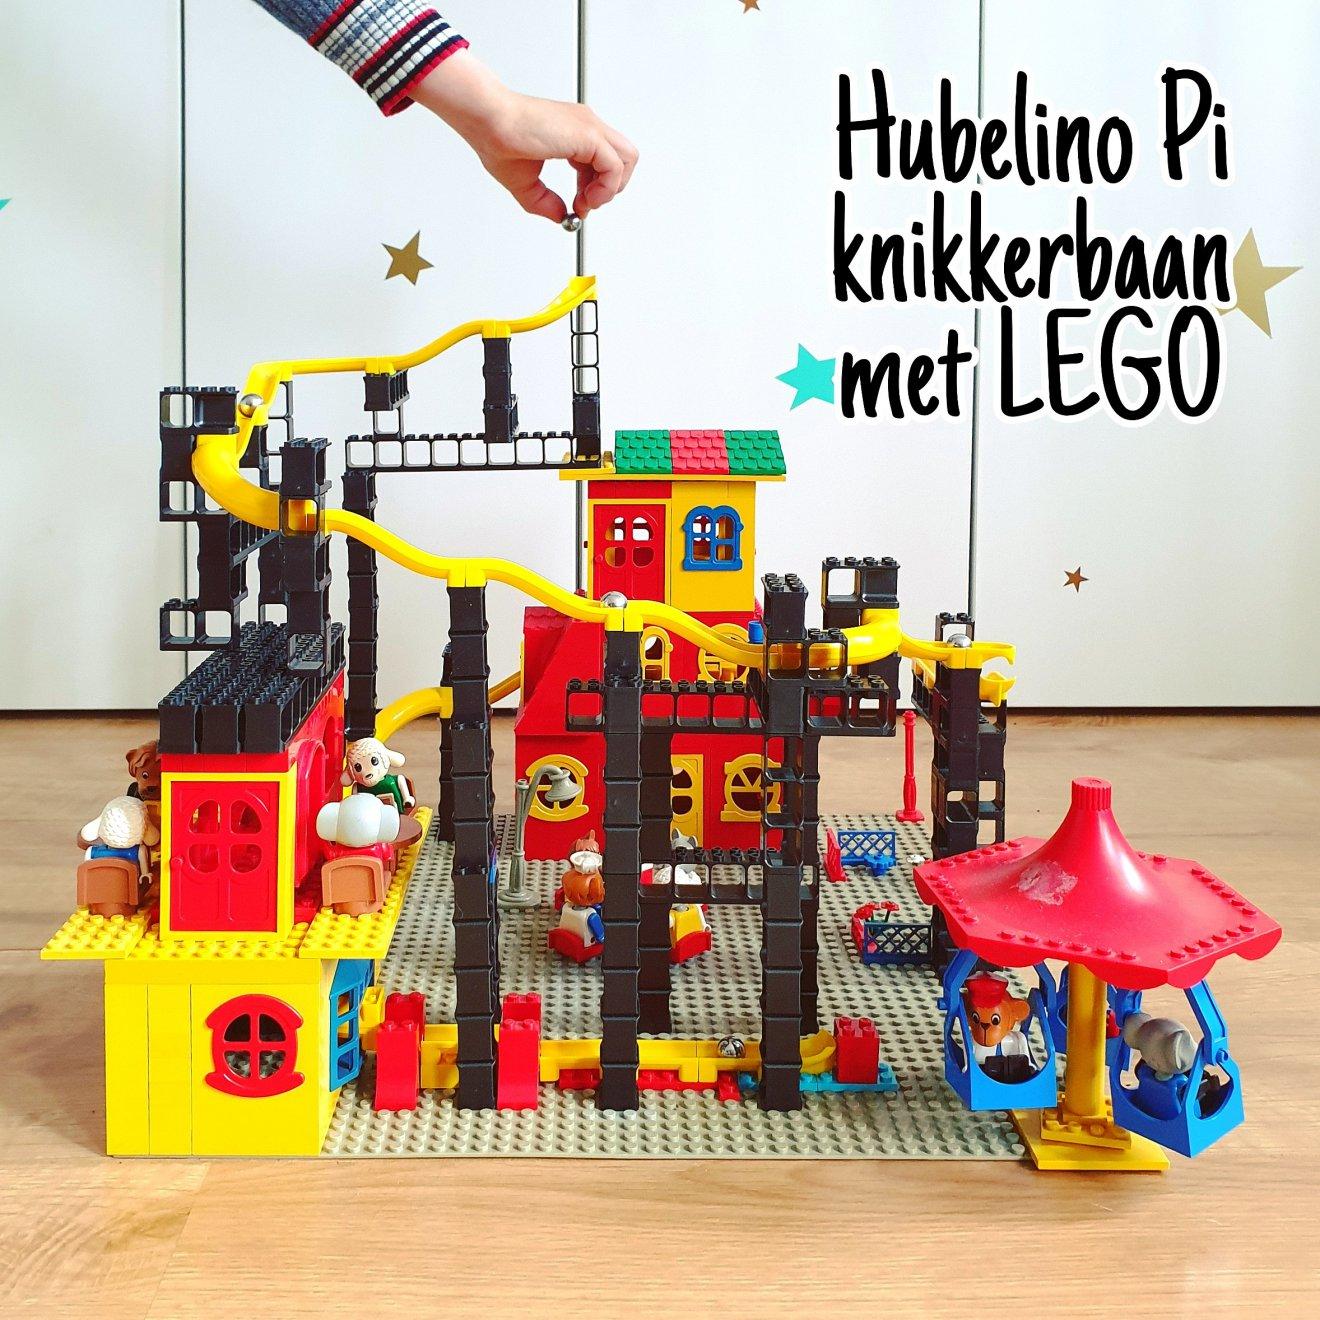 Hubelino Pi knikkerbaan: review en ideeën om te combinerenmet LEGO